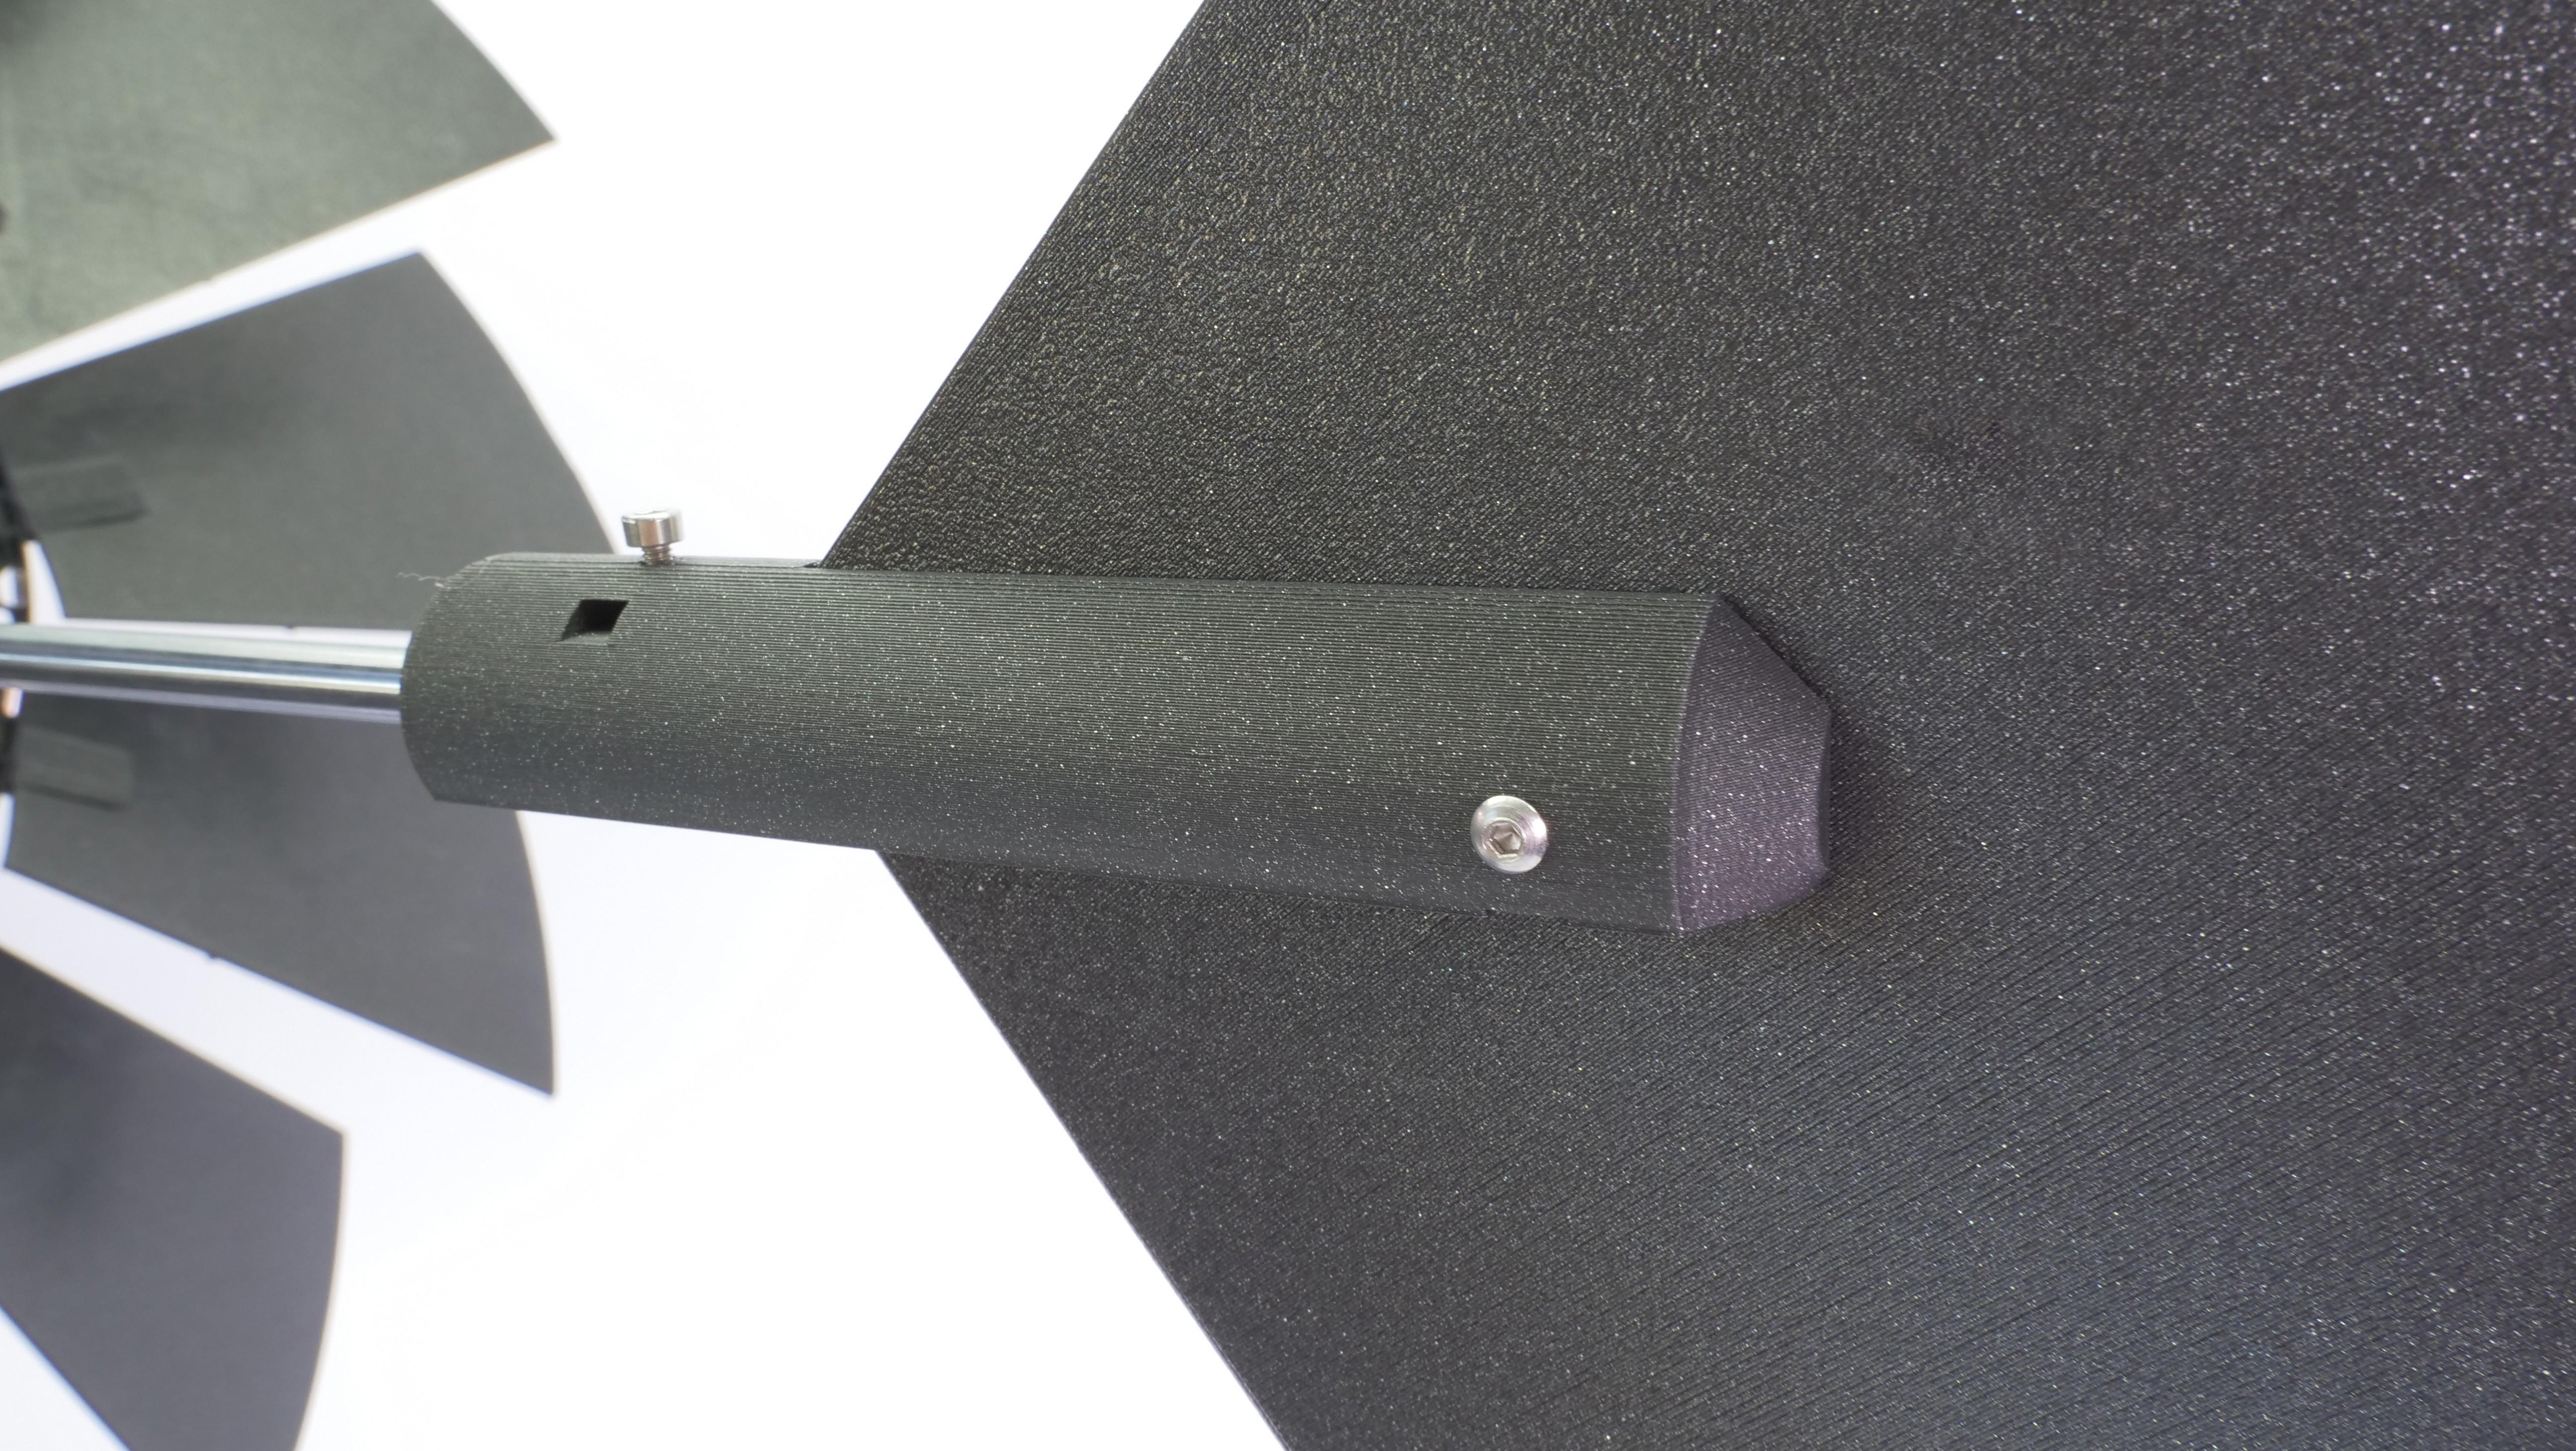 P1133606.JPG Download free STL file WINDMILL - PRUSAMENT SPOOL - reuse idea • 3D printer model, cisardom